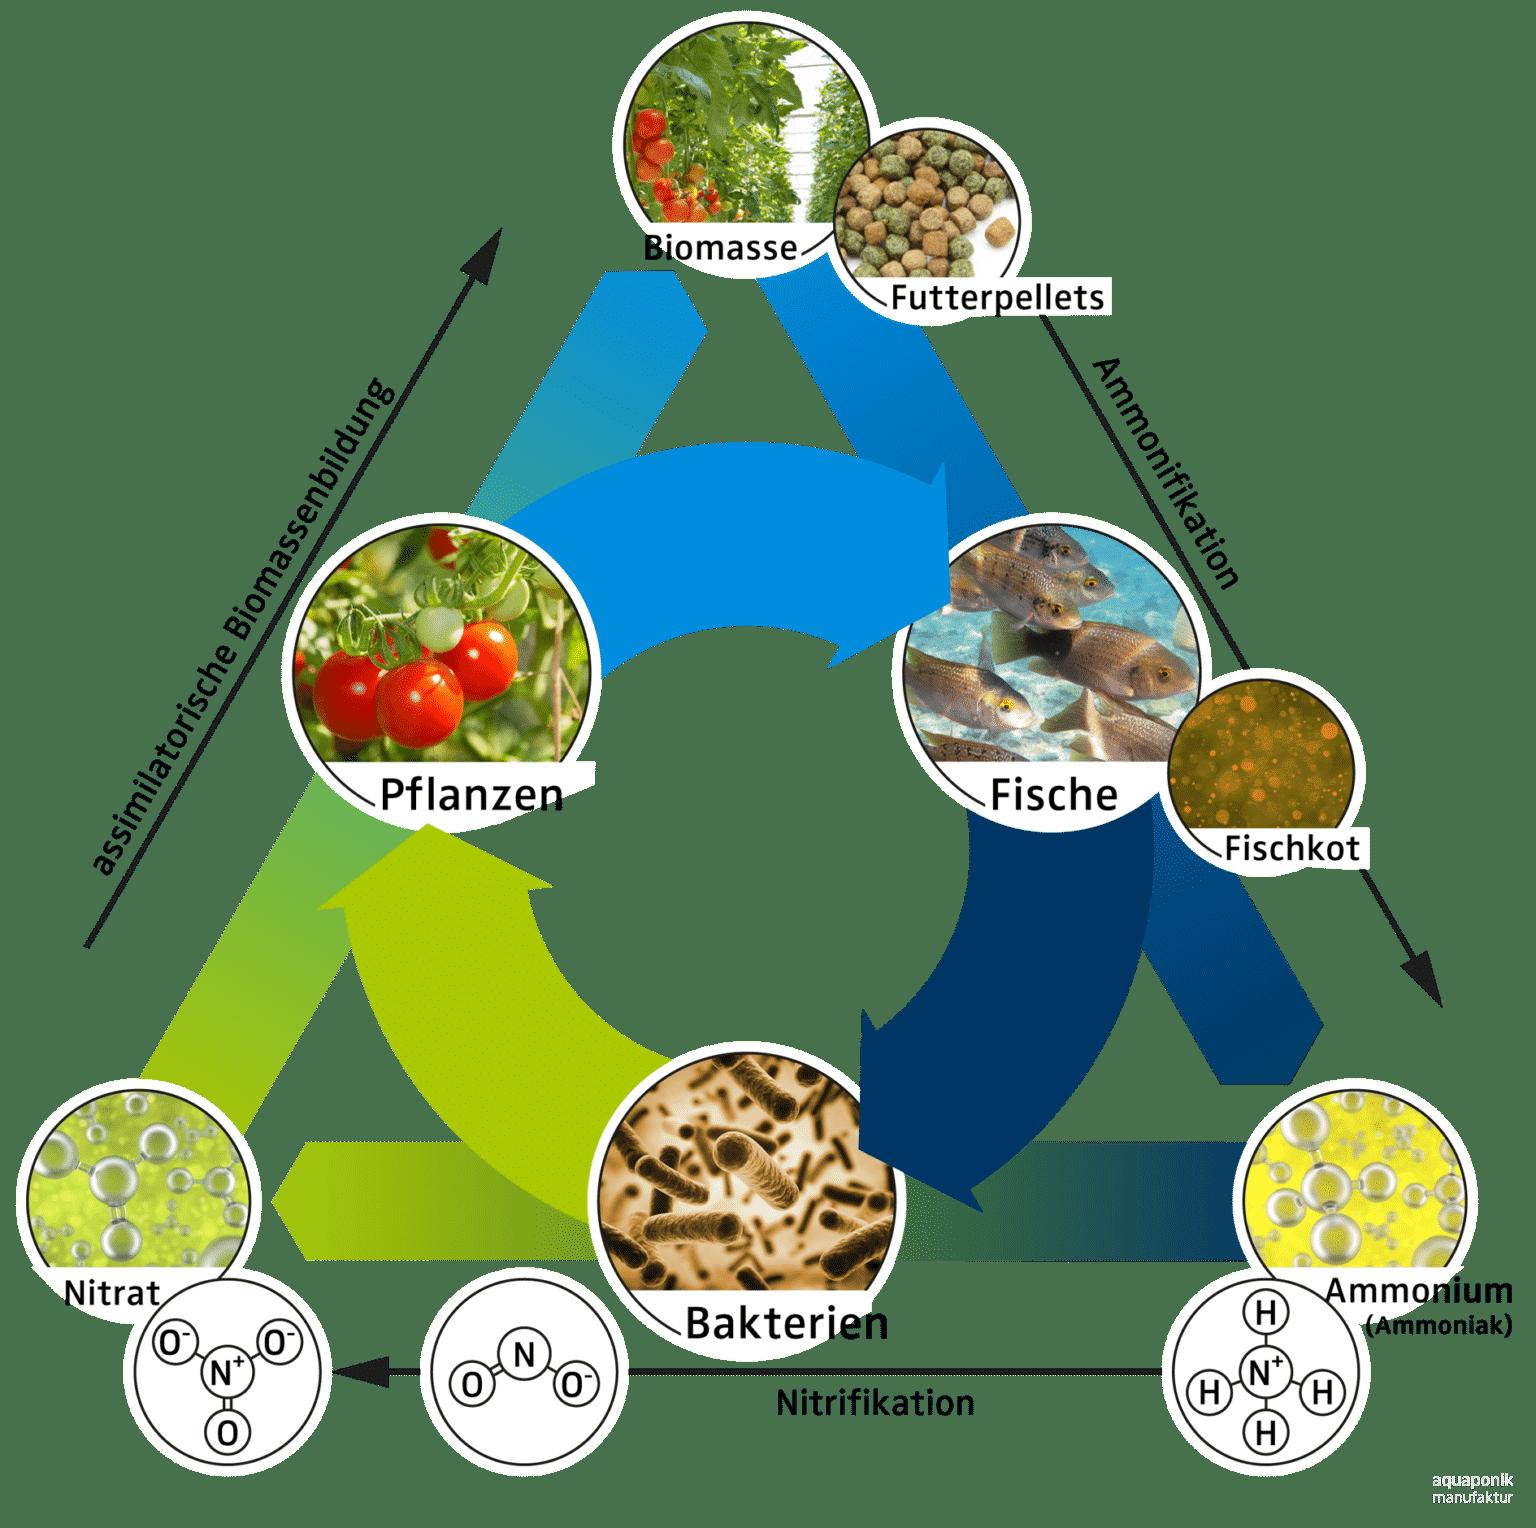 Der natürliche Aquaponik Nährstoff-Kreislauf